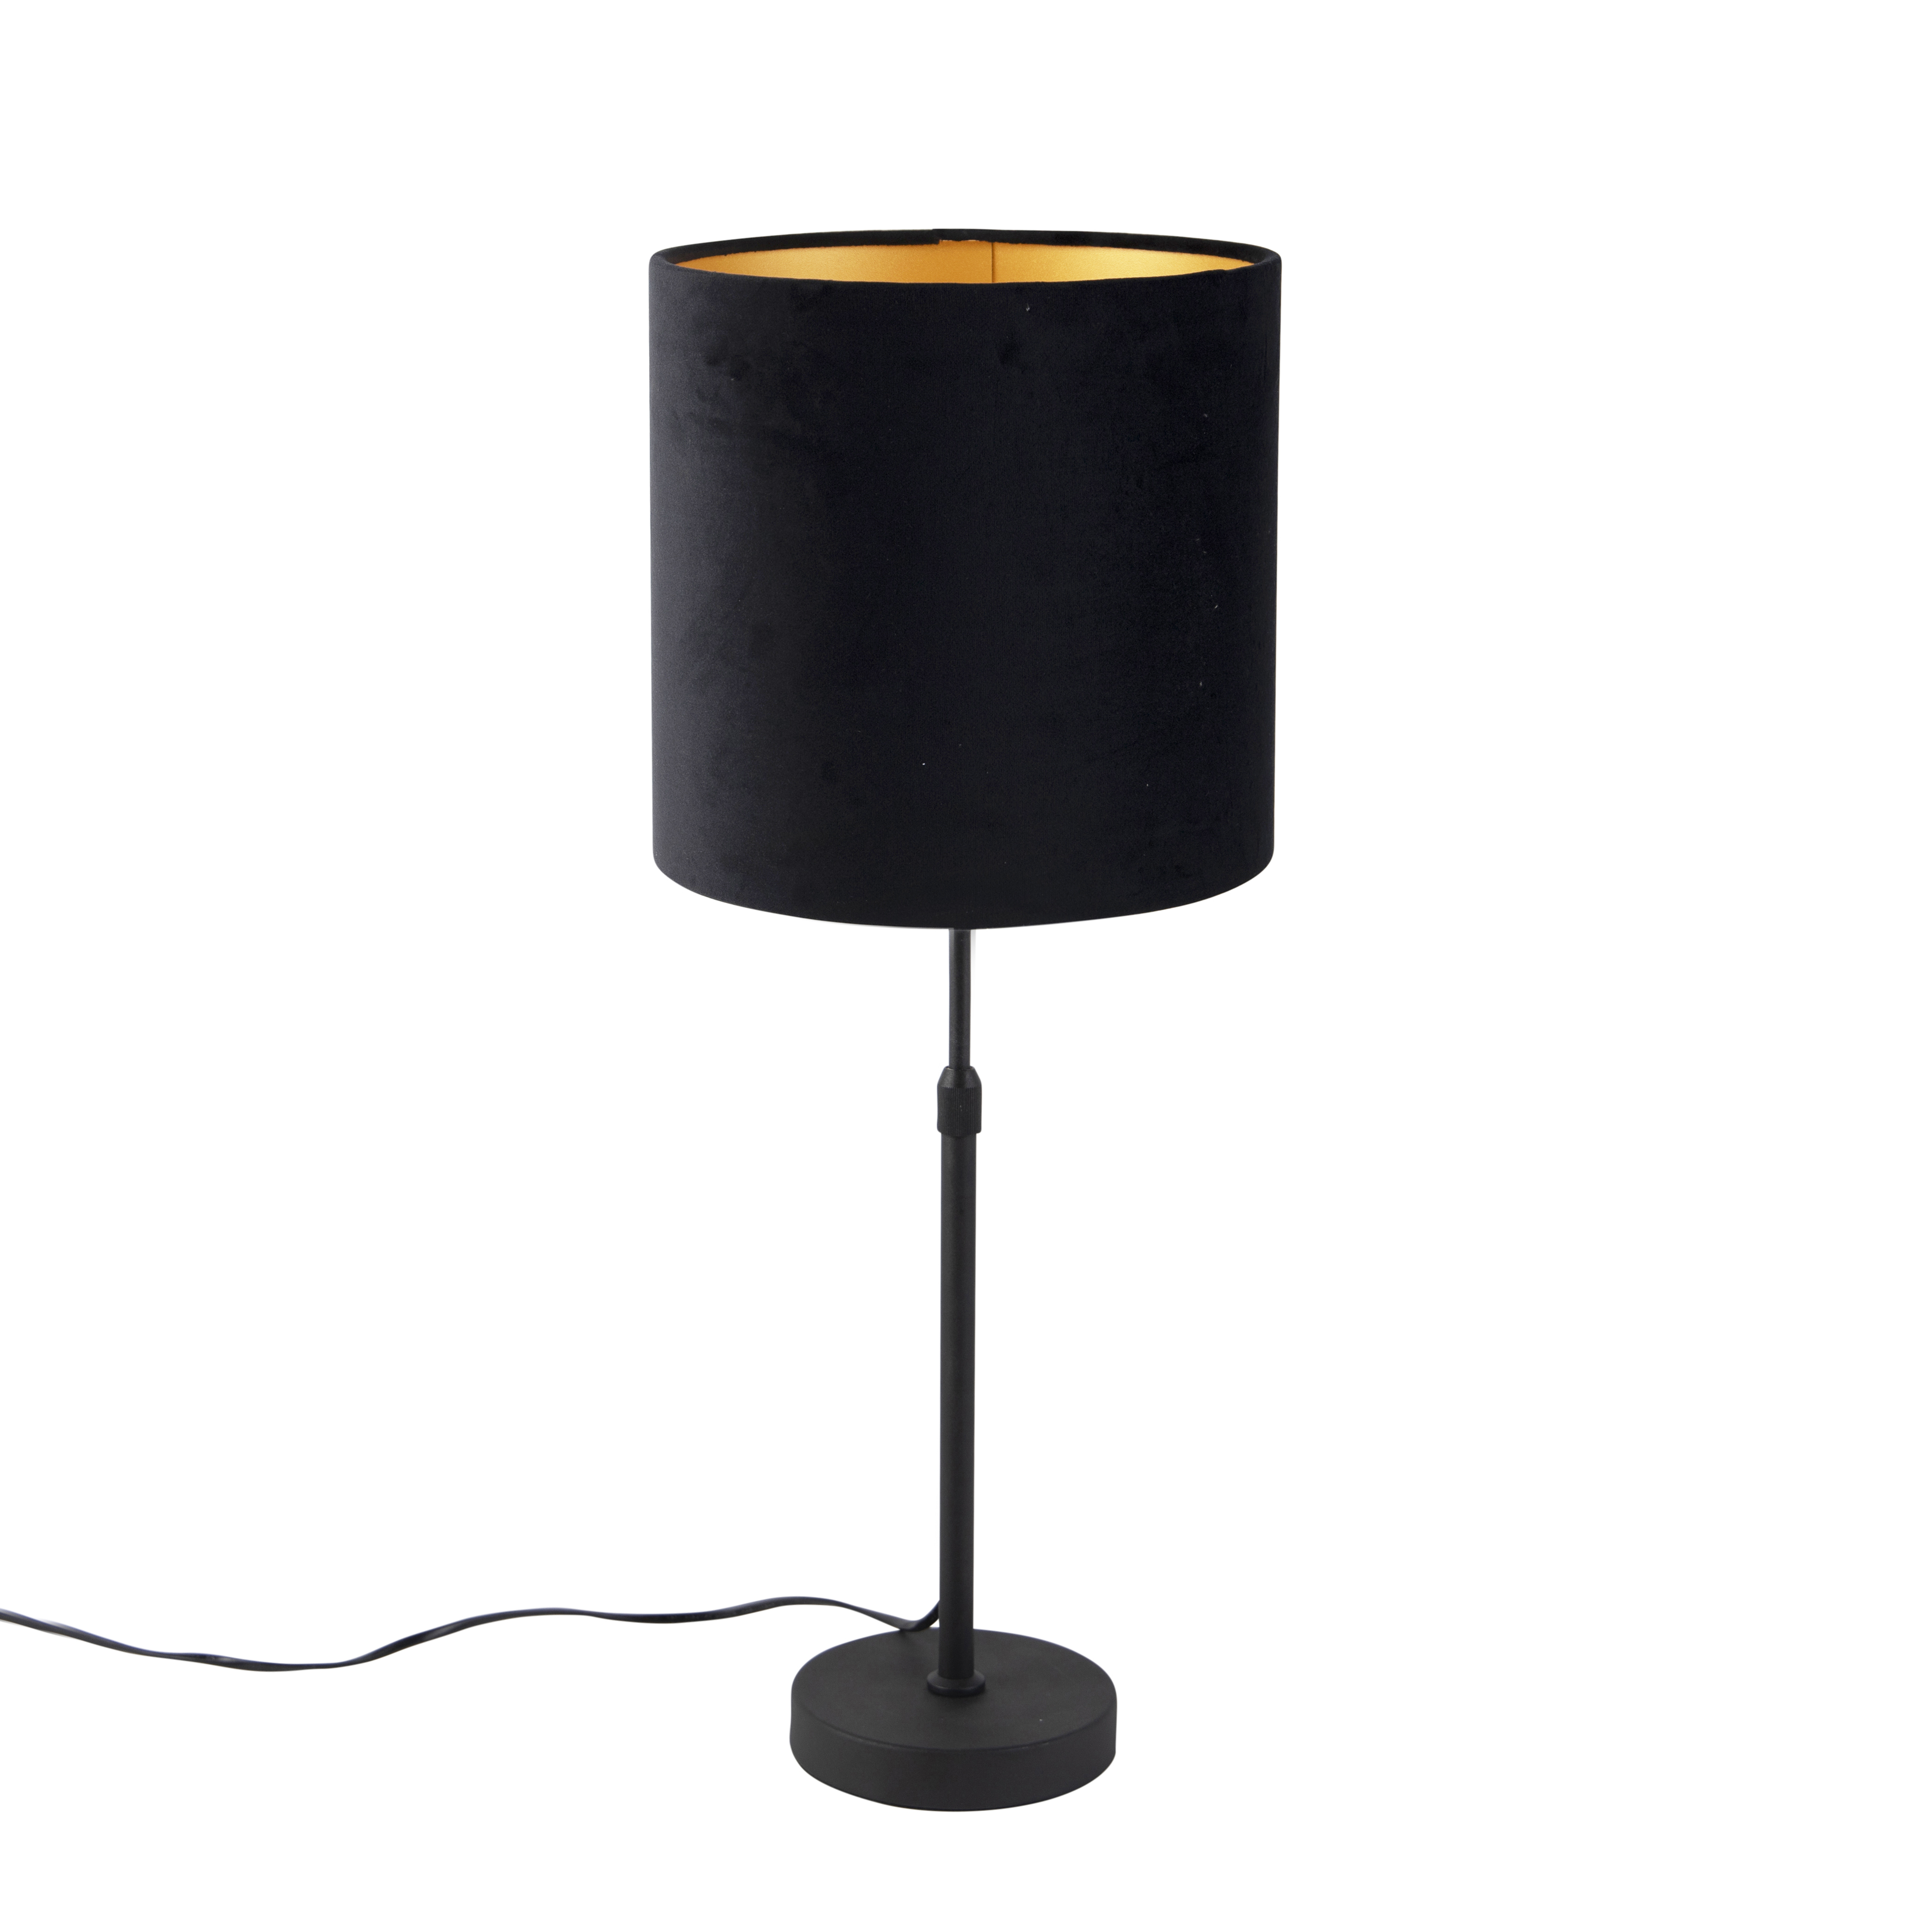 Tafellamp zwart met velours kap zwart met goud 25 cm - Parte